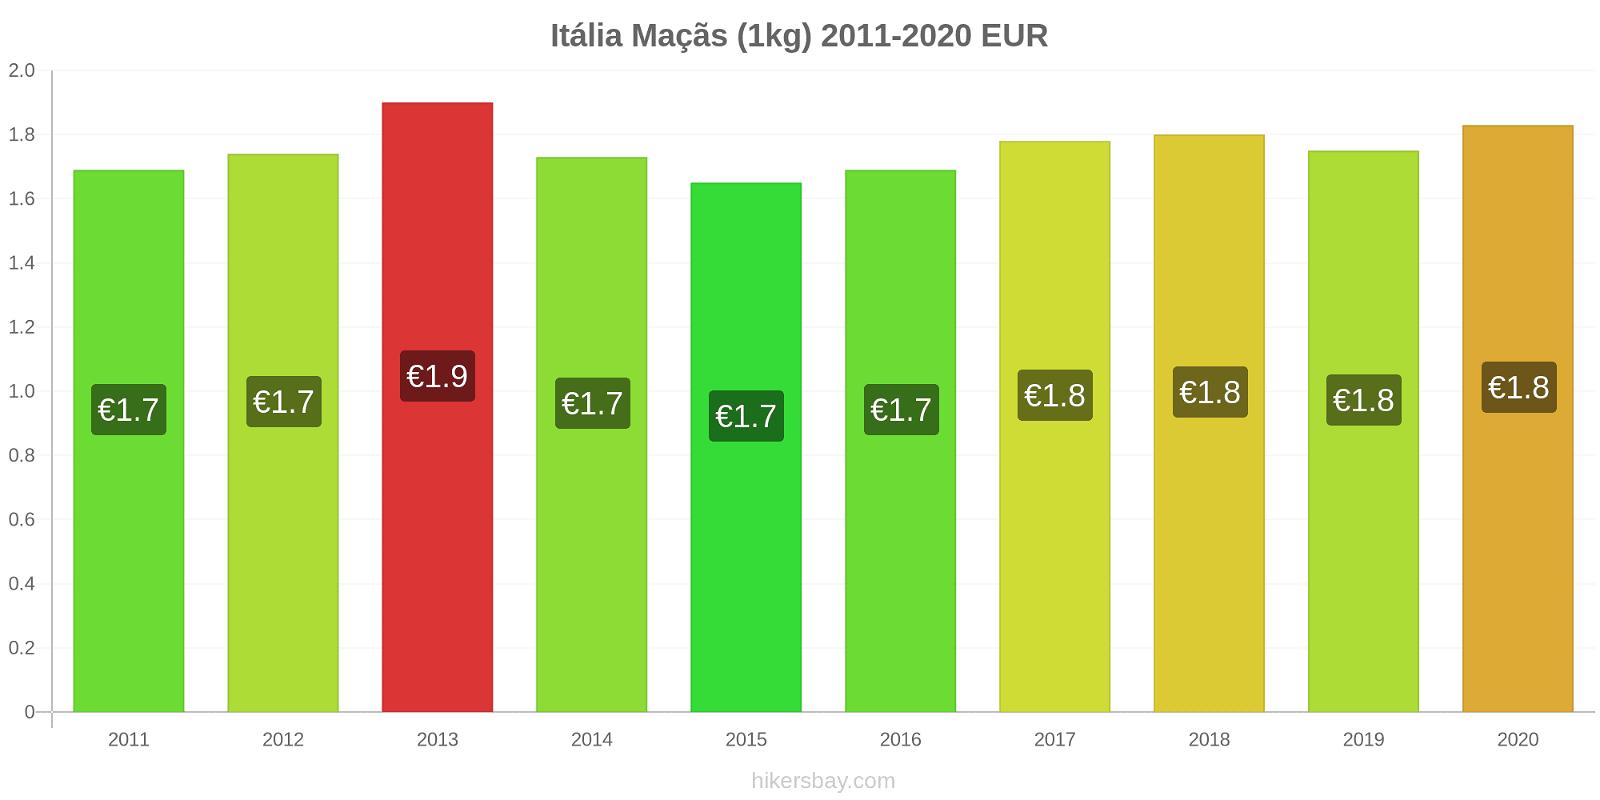 Itália variação de preço Maçãs (1kg) hikersbay.com